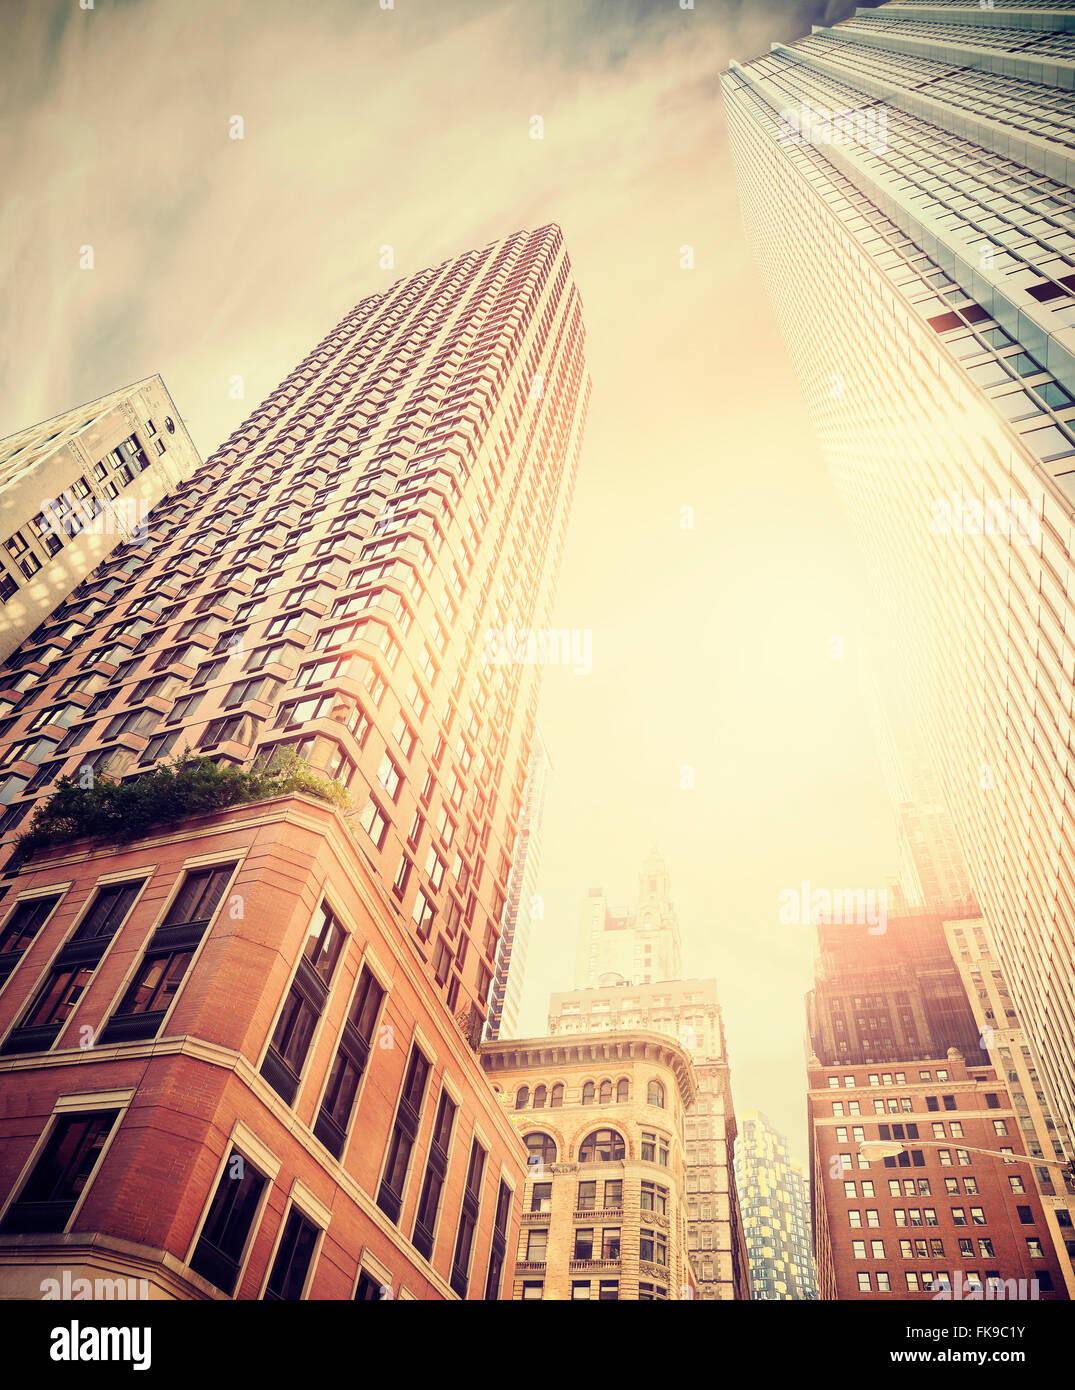 Retrò tonica foto di edifici di Manhattan contro il sole, New York City, Stati Uniti d'America. Immagini Stock